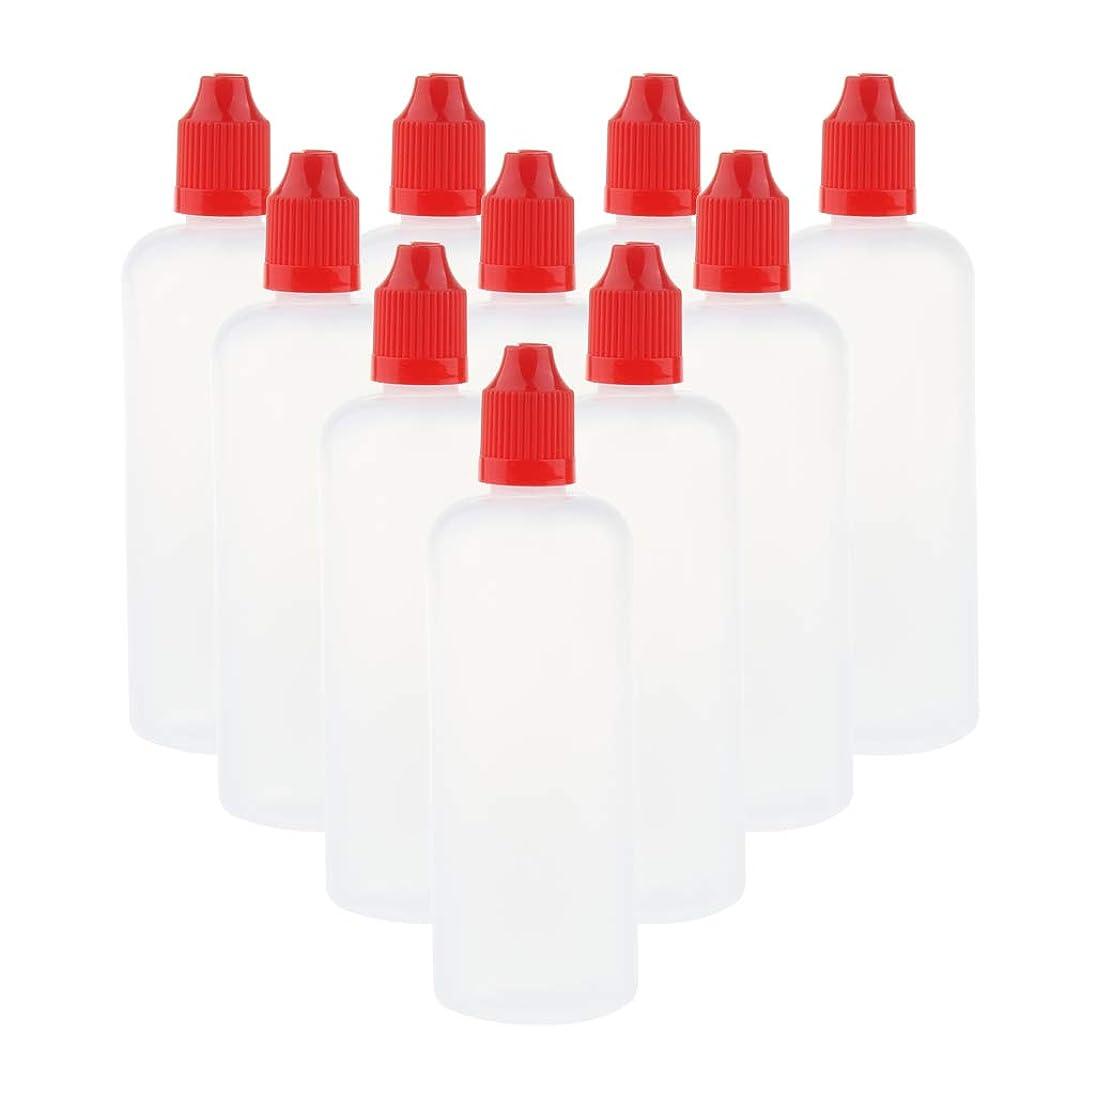 海洞窟手順D DOLITY 10個 空ボトル 点滴器 点眼瓶 液体容器 溶剤ボトル 液体芳香剤 詰替え 120ミリ 全6色 - 赤